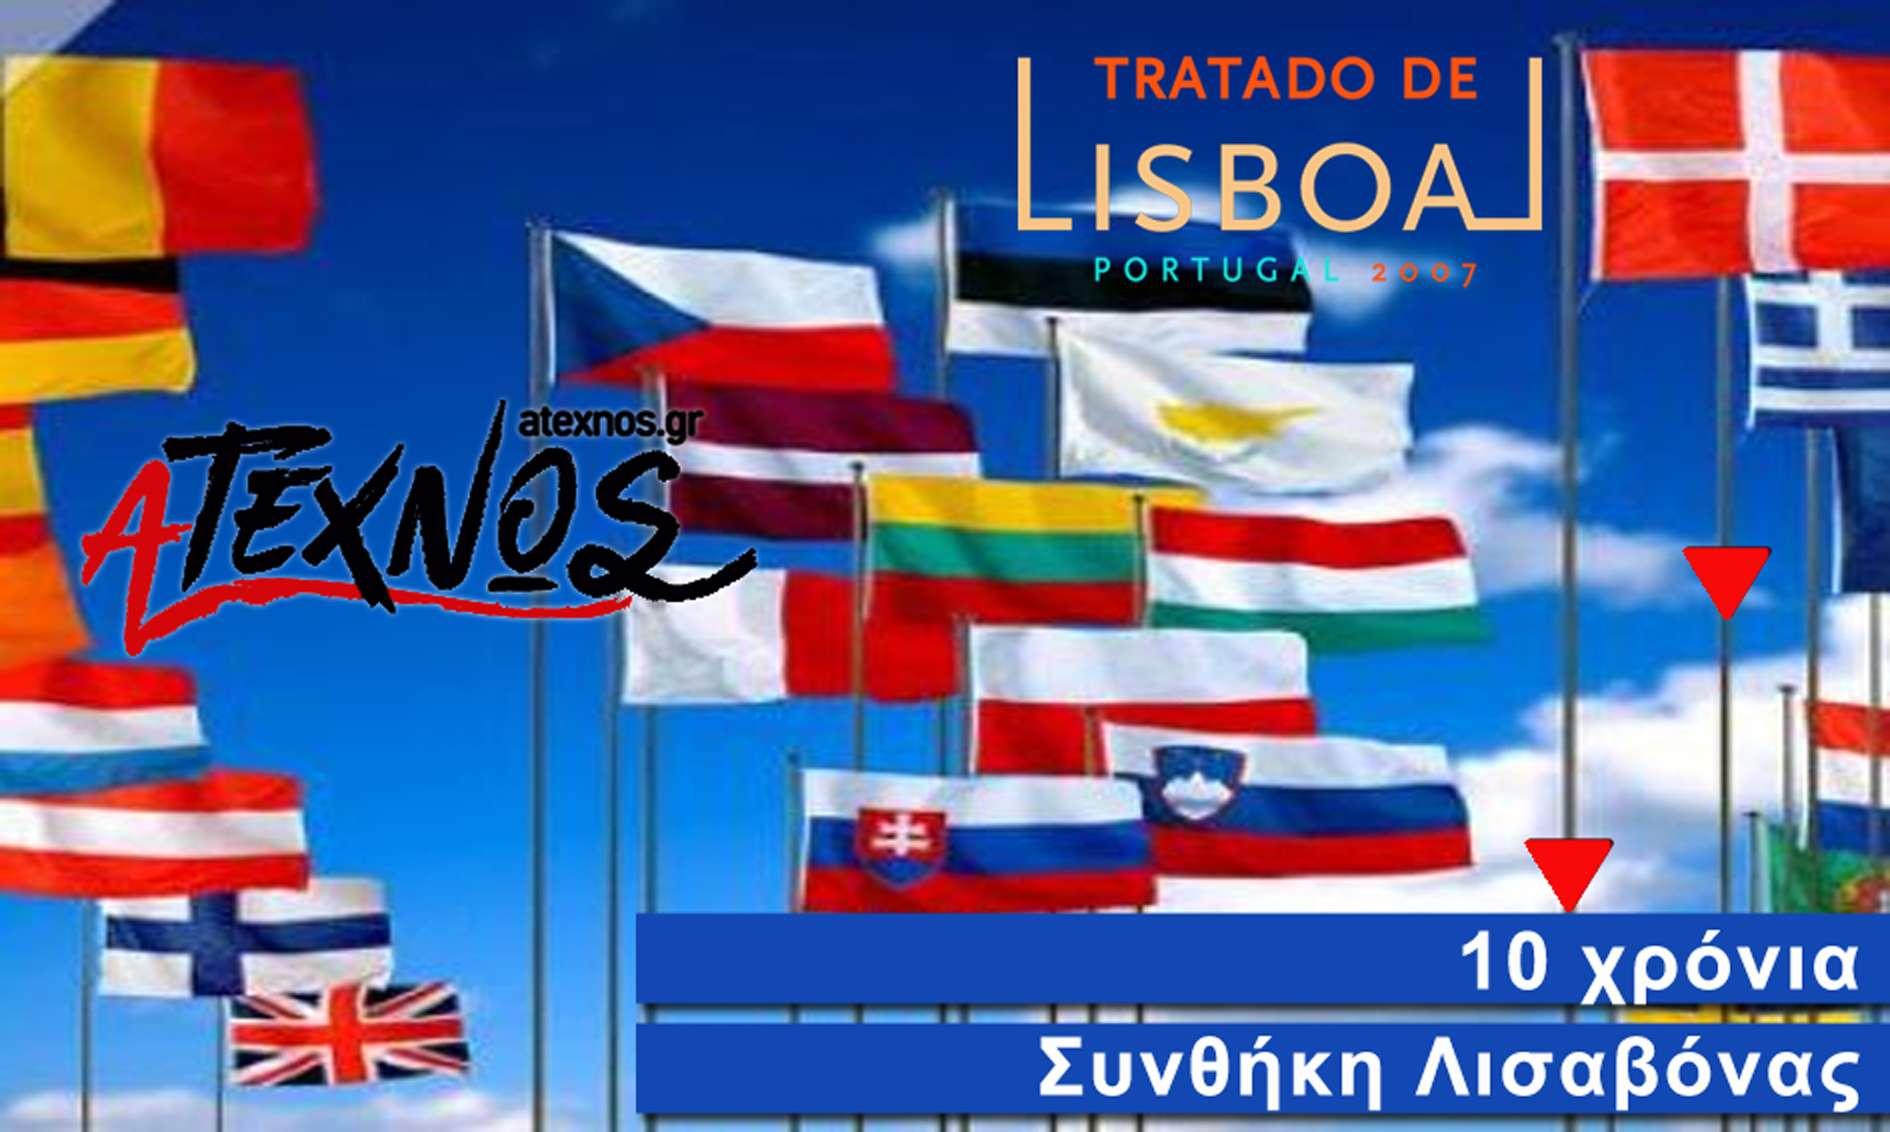 ΛΙΣΑΒΟΝΑΣ Αντιλαϊκό «αγκωνάρι» στην καρδιά της ιμπεριαλιστικής ένωσης της ΕΕ